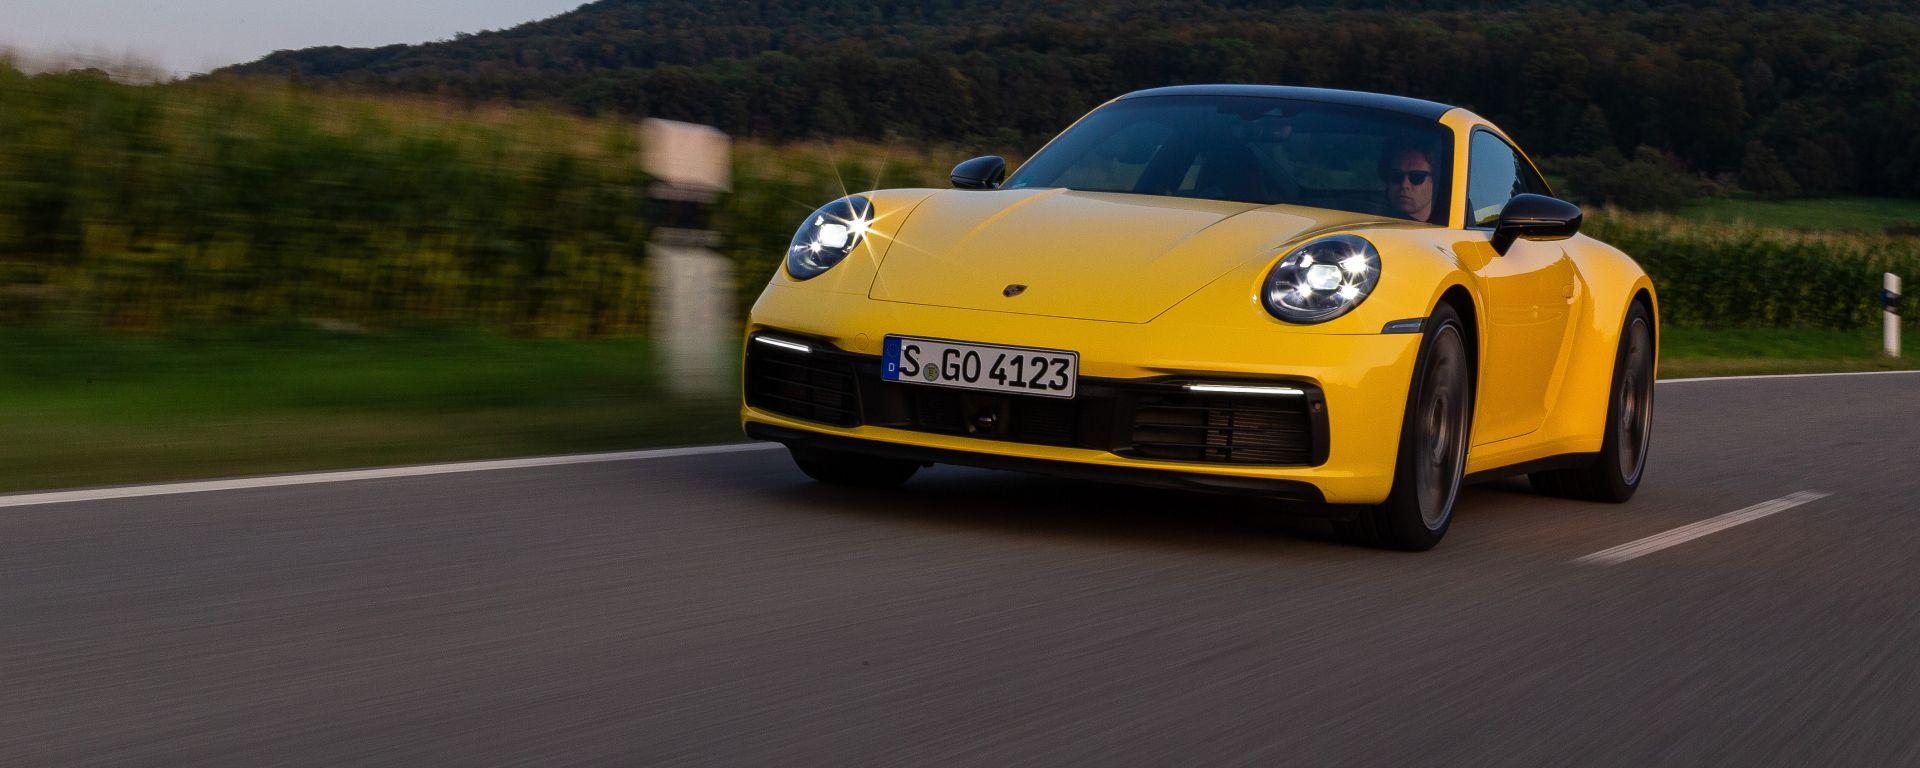 Porsche 911 ibrida? Il vero problema è il peso, ecco perché